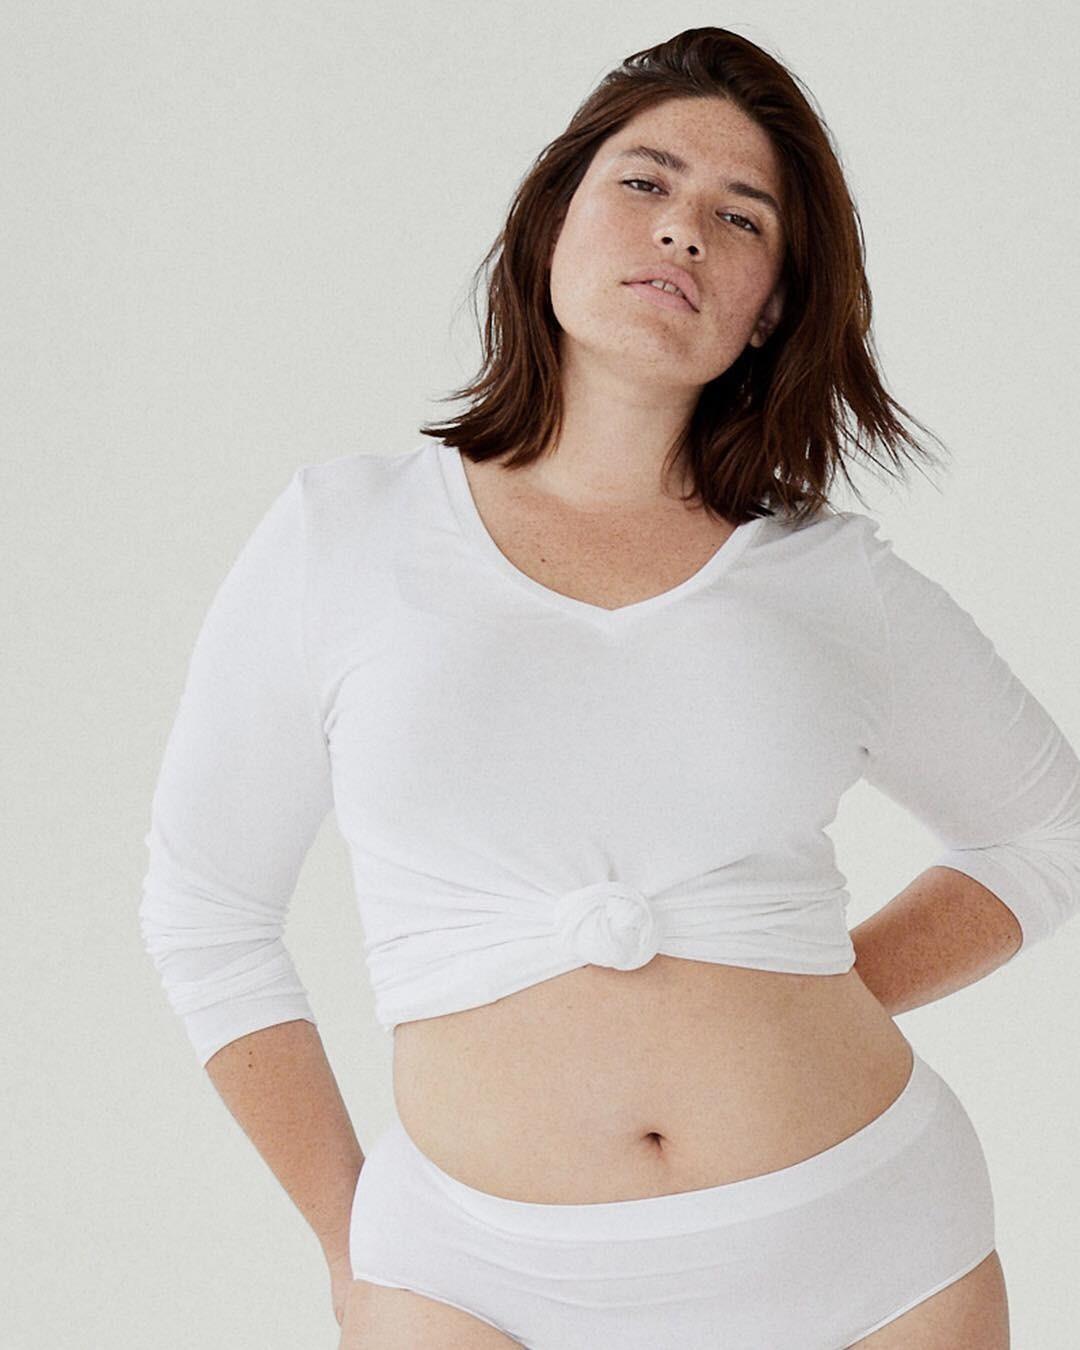 Недавно принадлежащая ей компания Goop объявила овыходе новой капсульной коллекции одежды, созданной совместно синклюзивной маркой Universal Standard.Но одежда эта непростая, а сглуб...